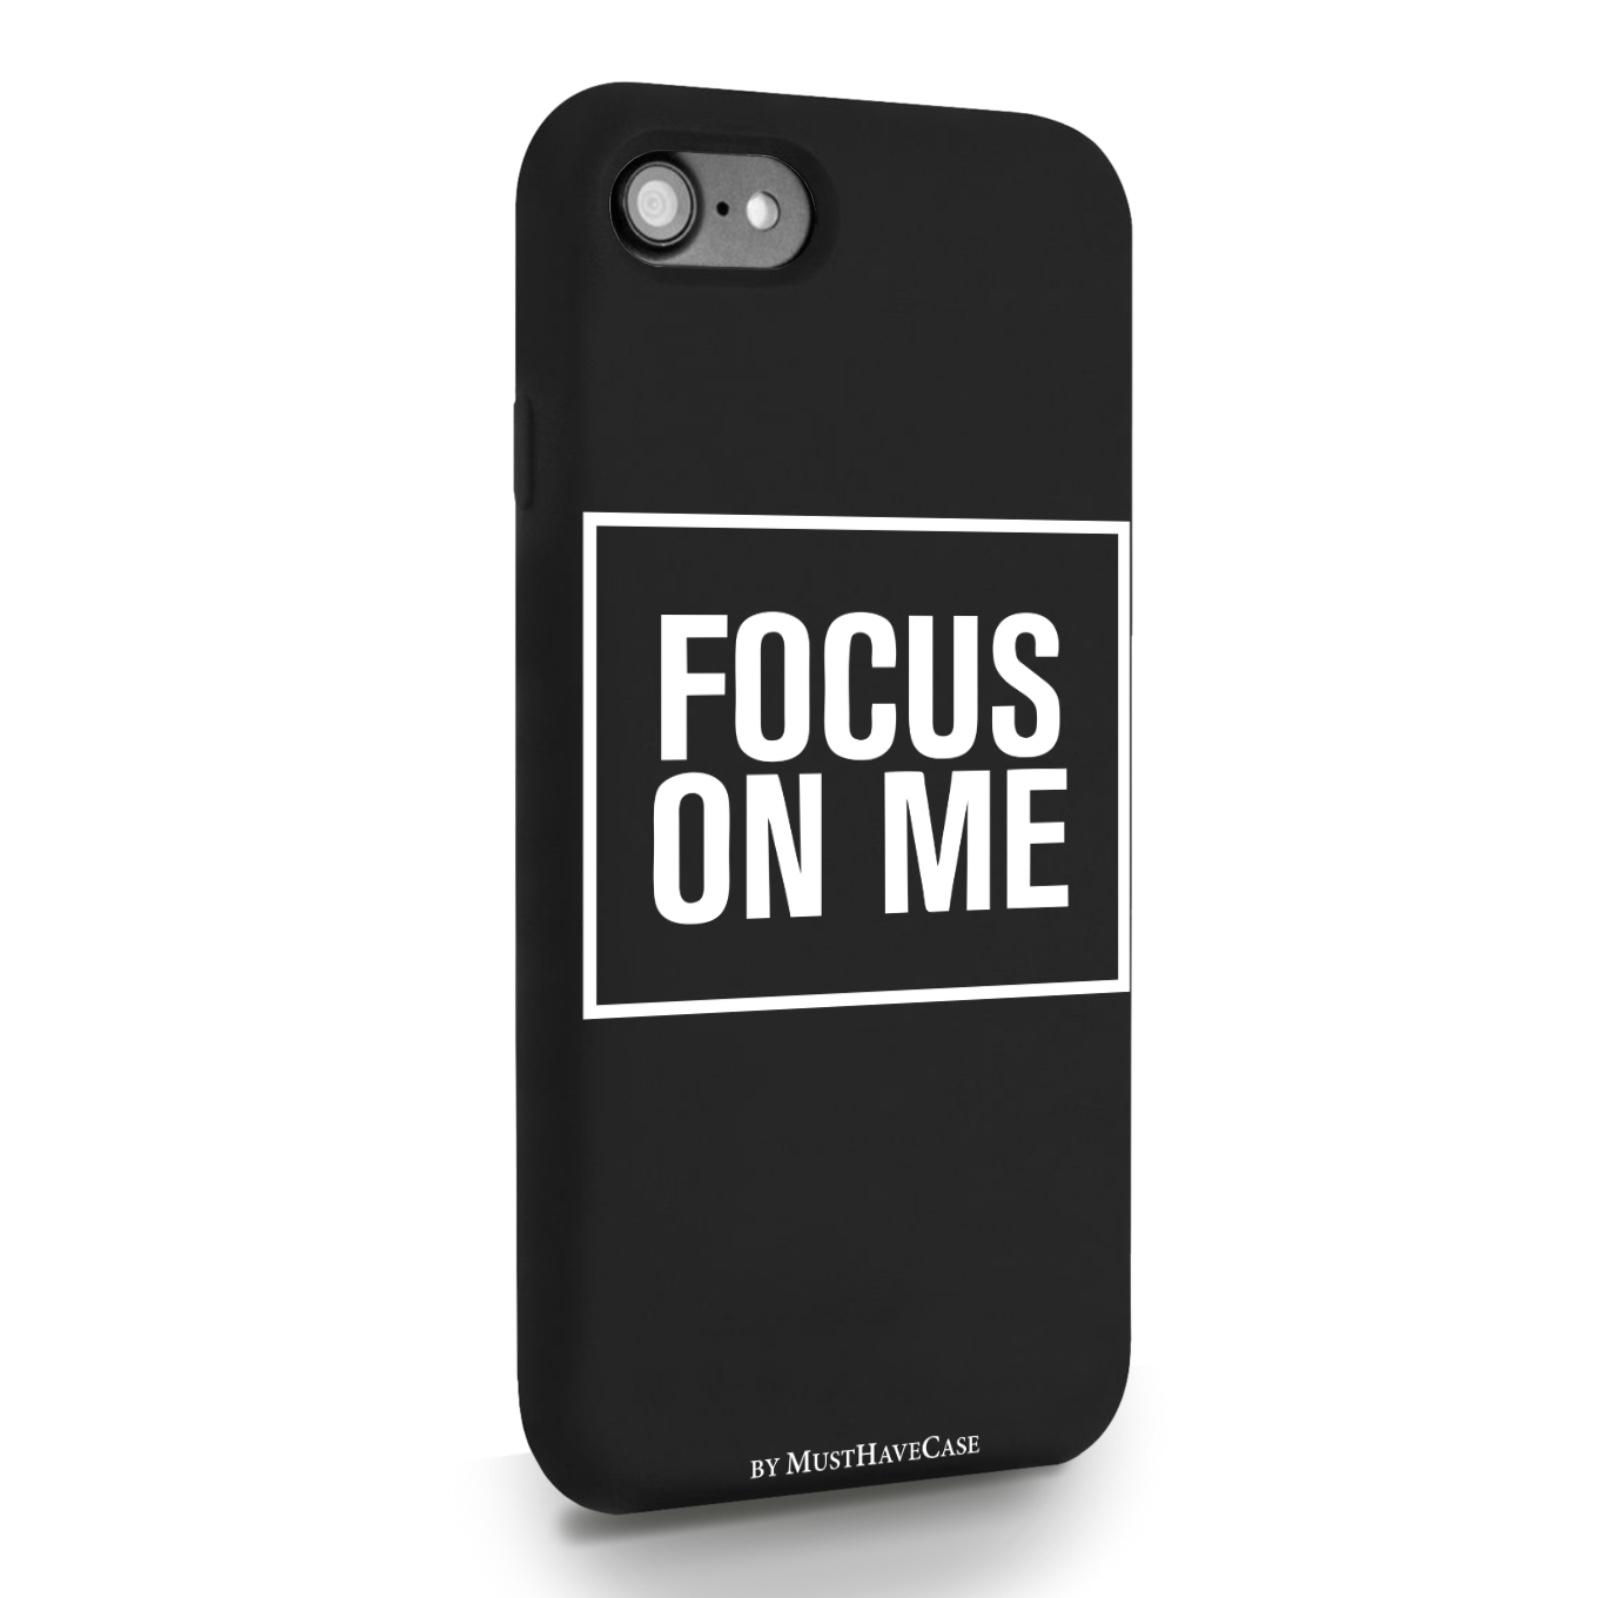 Черный силиконовый чехол для iPhone 7/8/SE2020 Focus on me для Айфон 7/8/СЕ2020